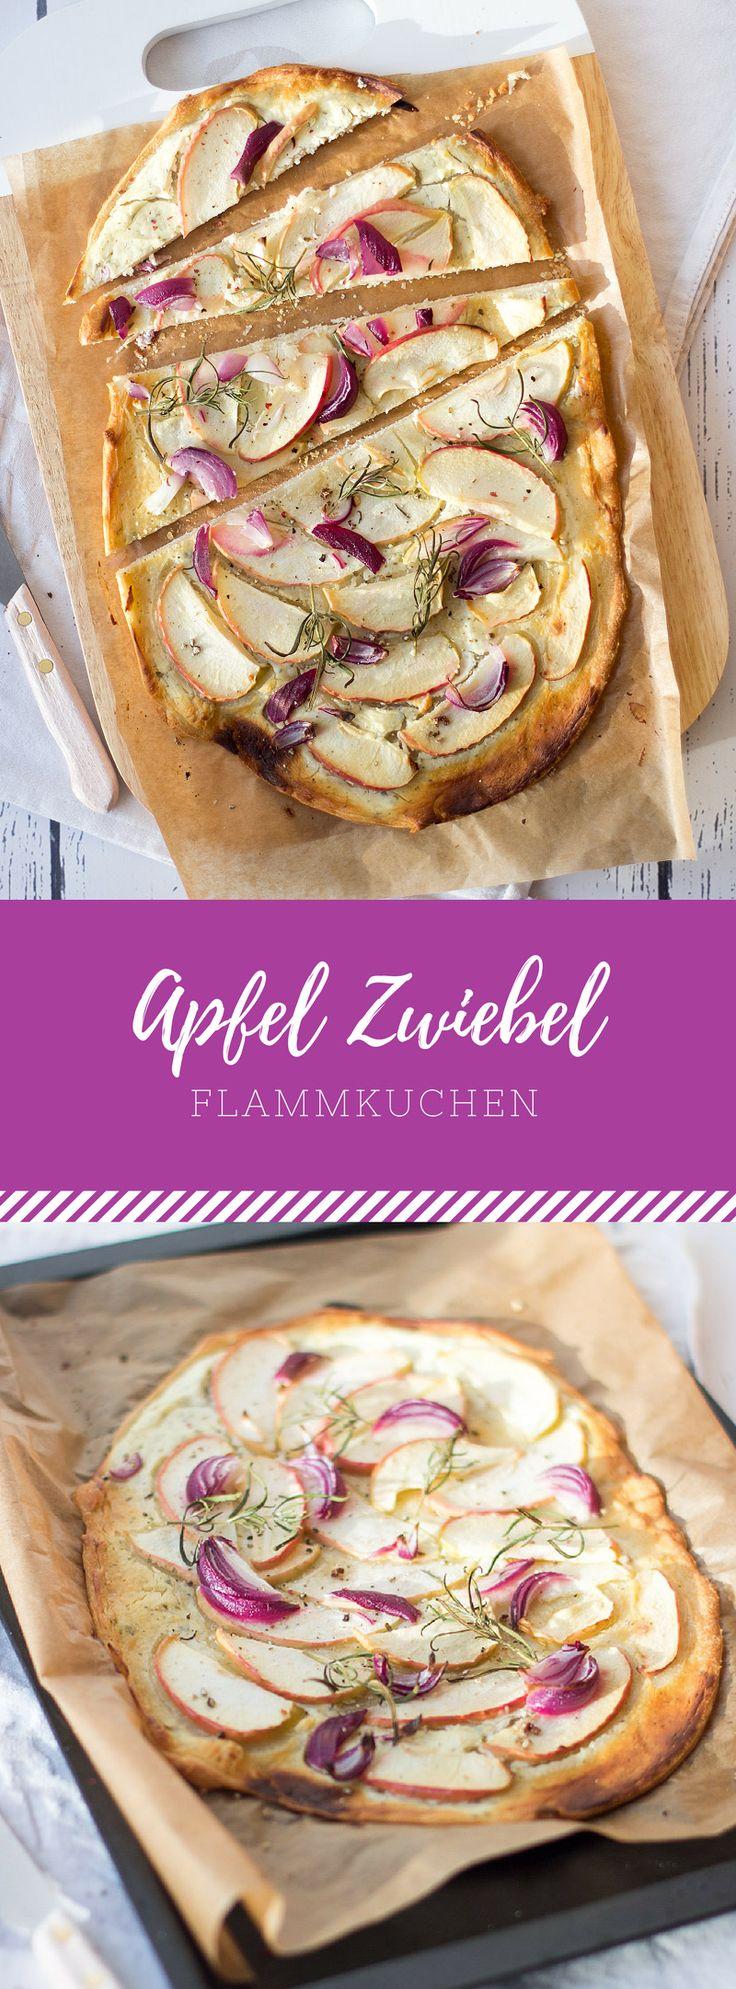 Ein leckeres Rezept für schnellen Apfel Zwiebel Flammkuchen! Musst du probieren!